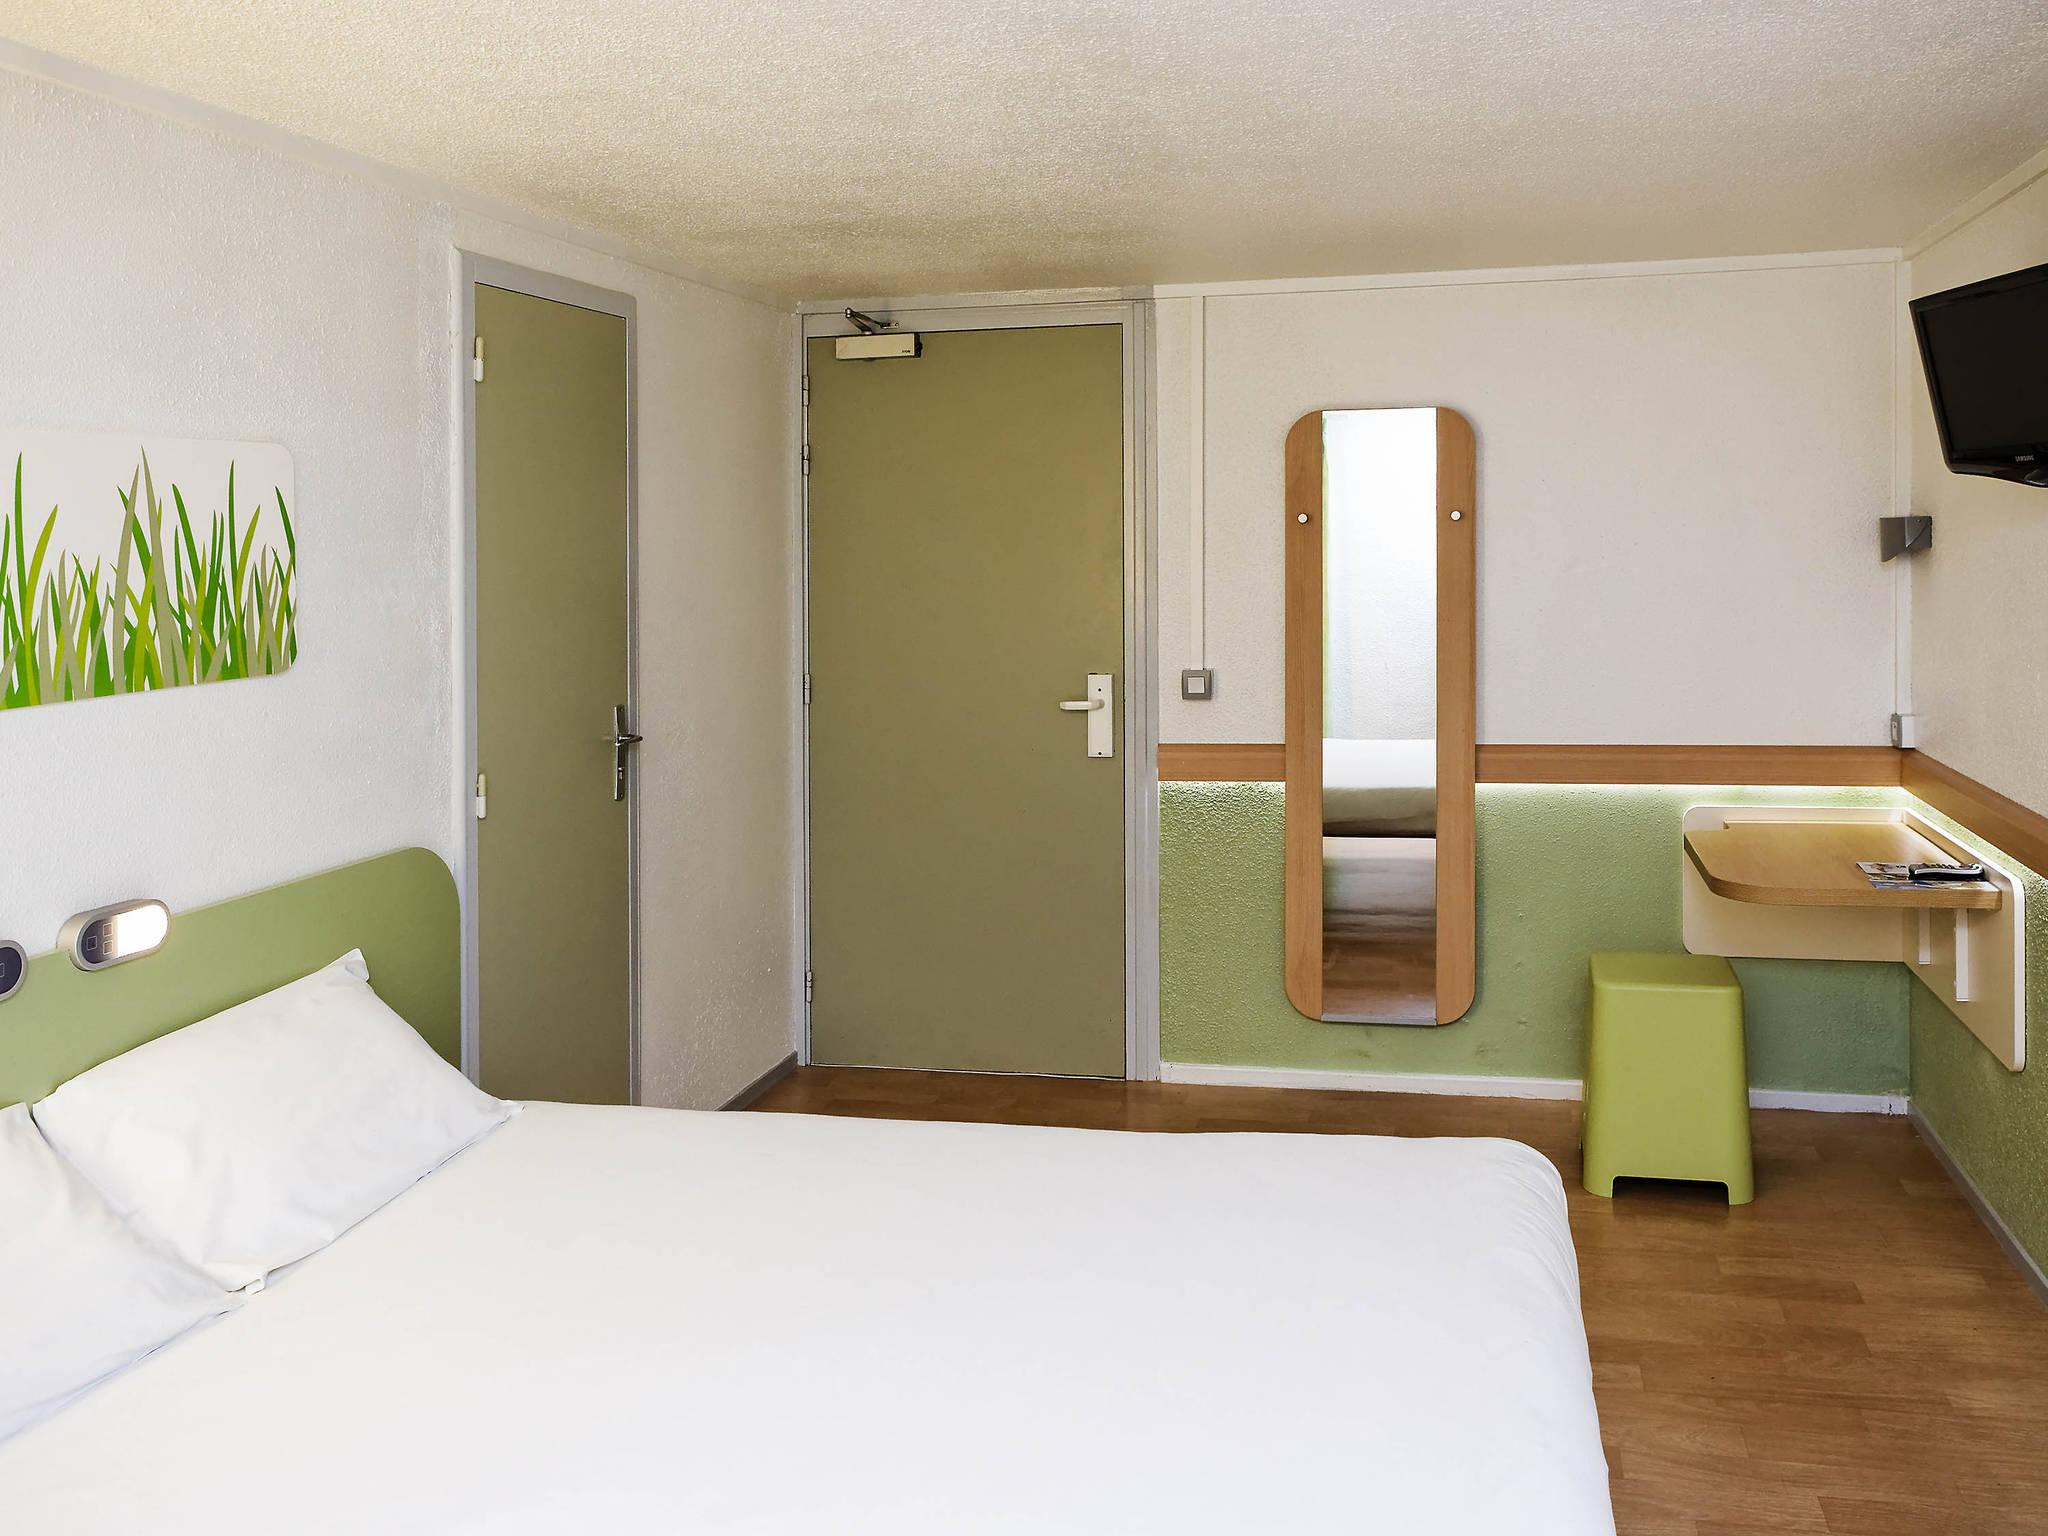 Hotel Ibis Budget Lorient Caudan